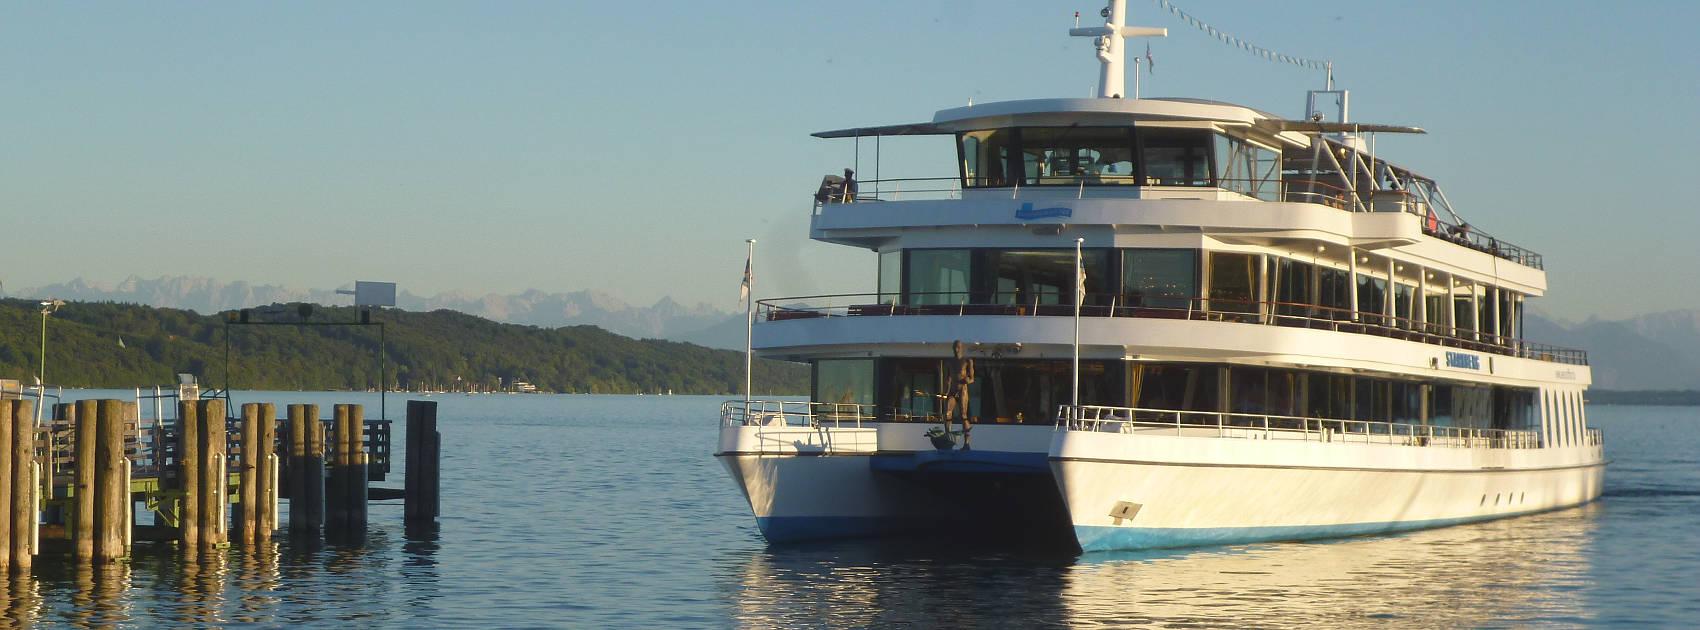 Ausflug mit dem Dampfer auf dem Starnberger See